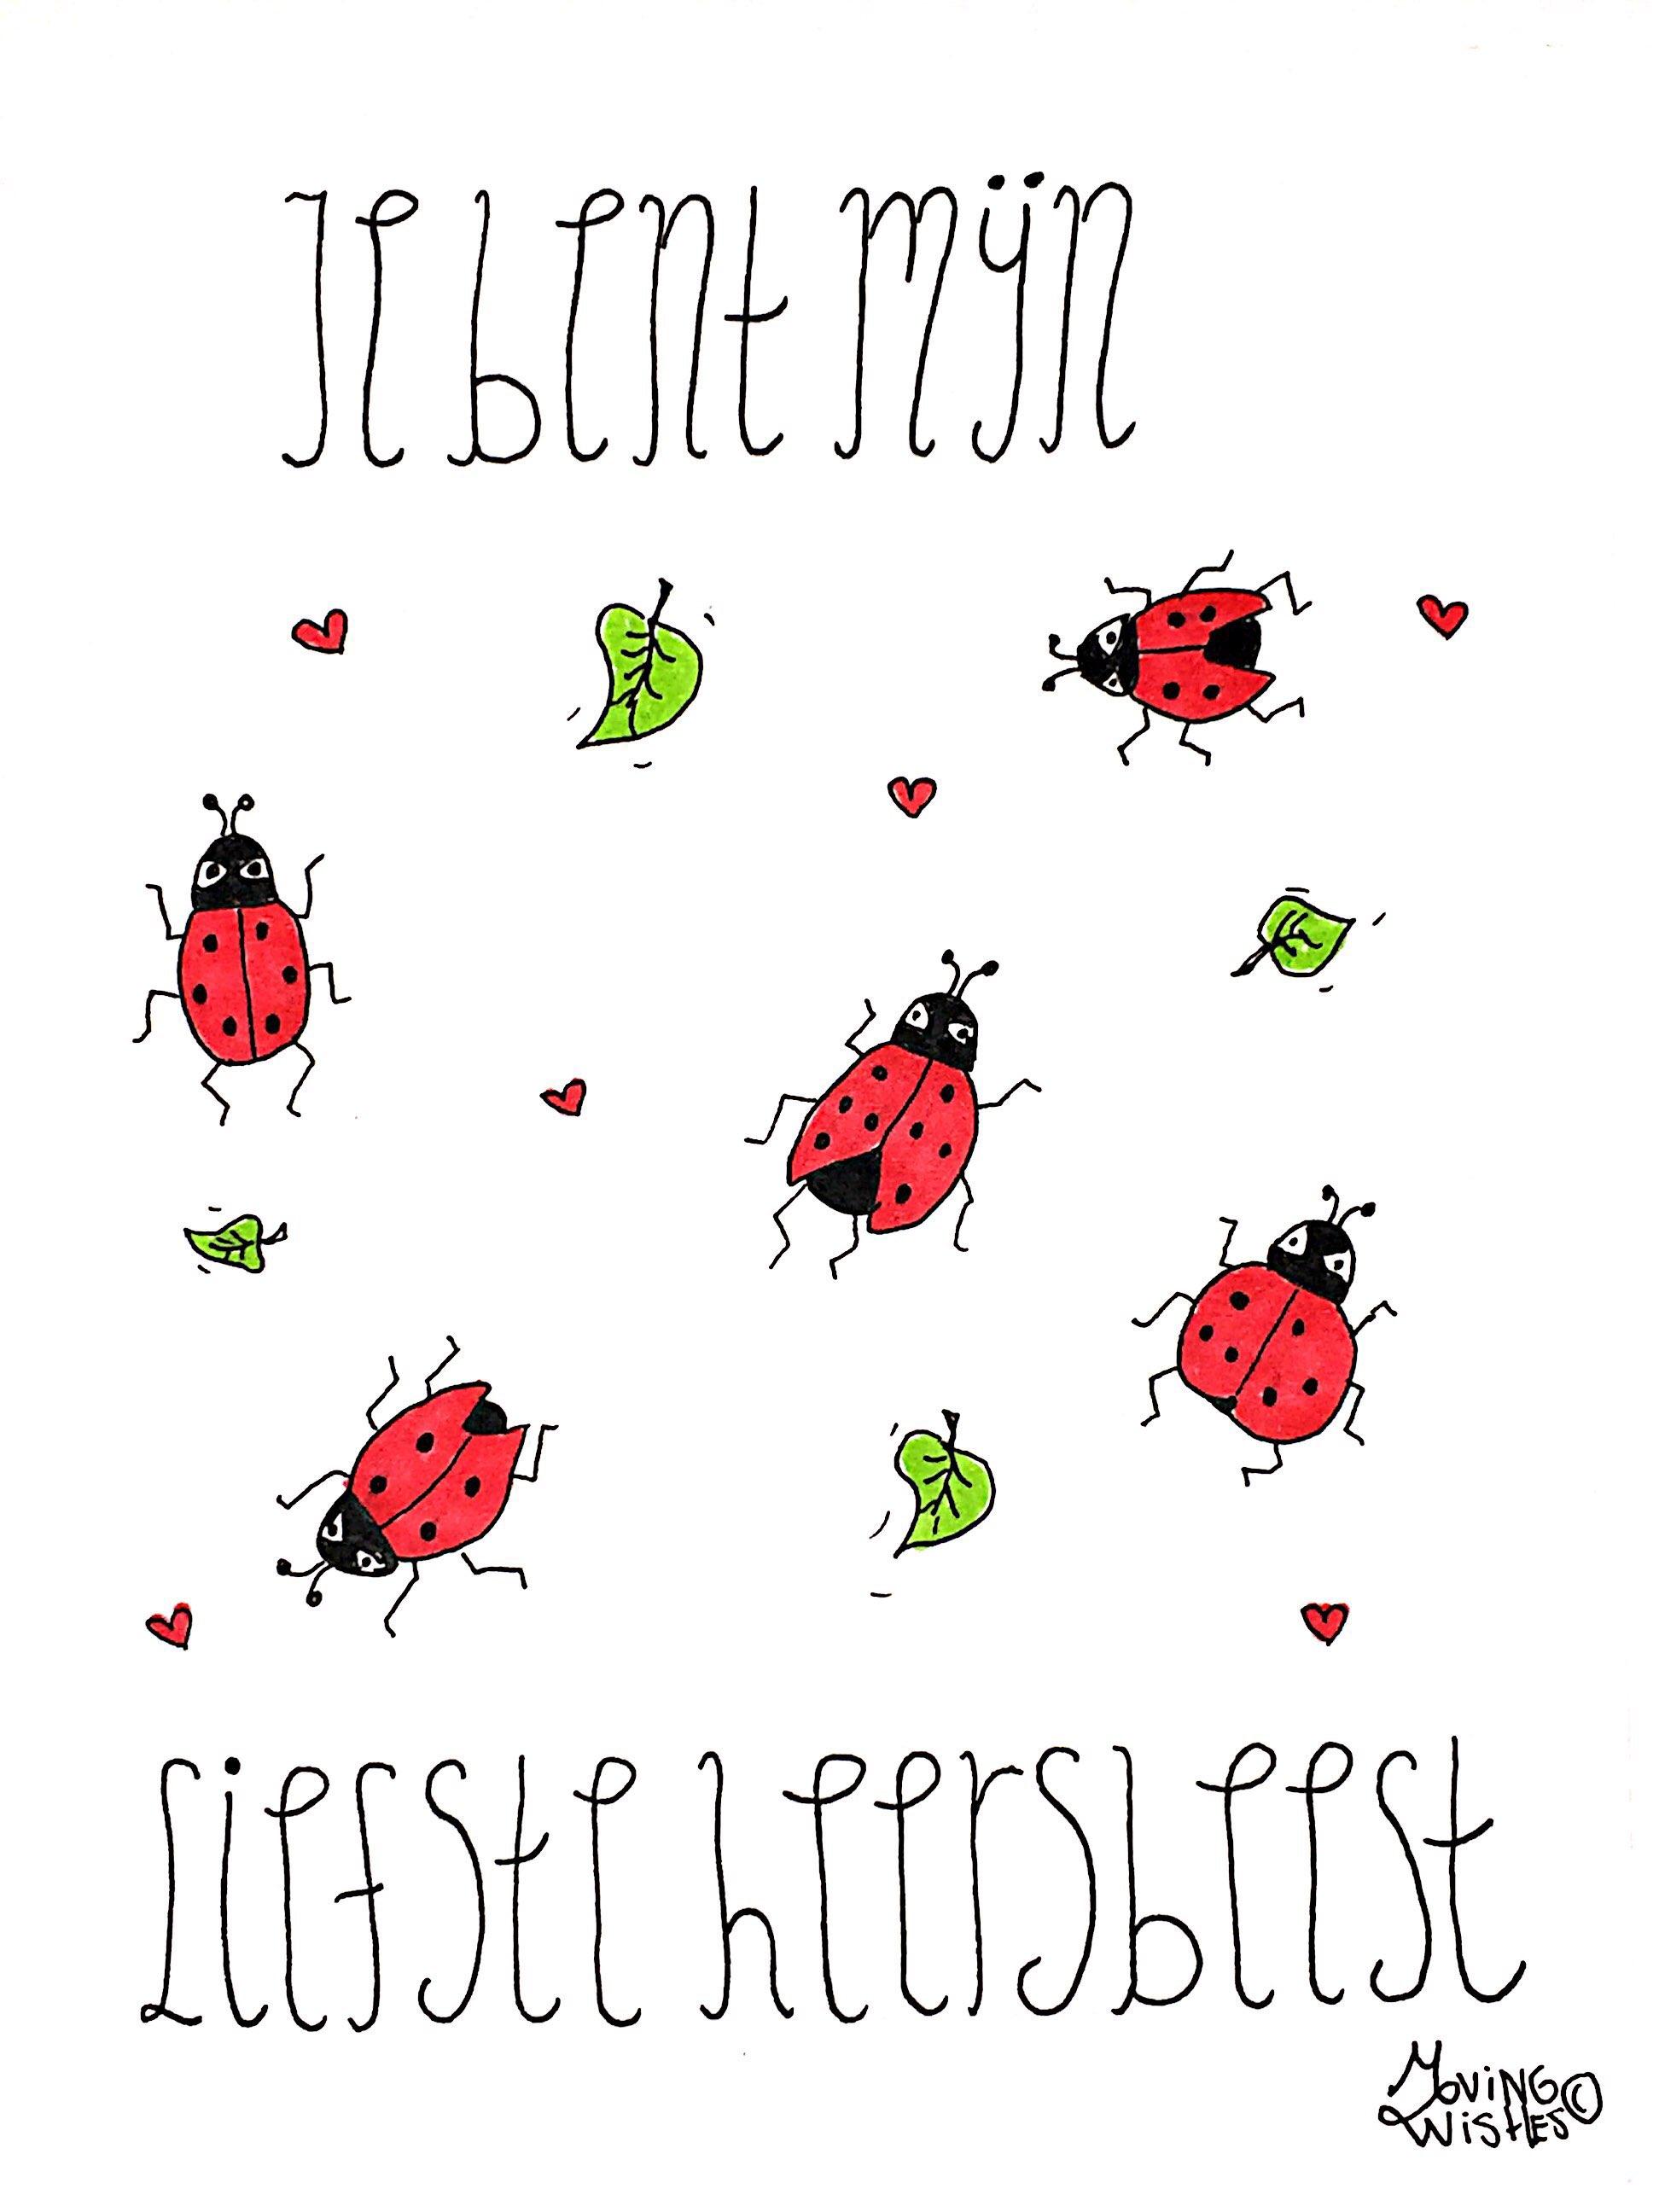 Wenskaart lieveheersbeestjes.